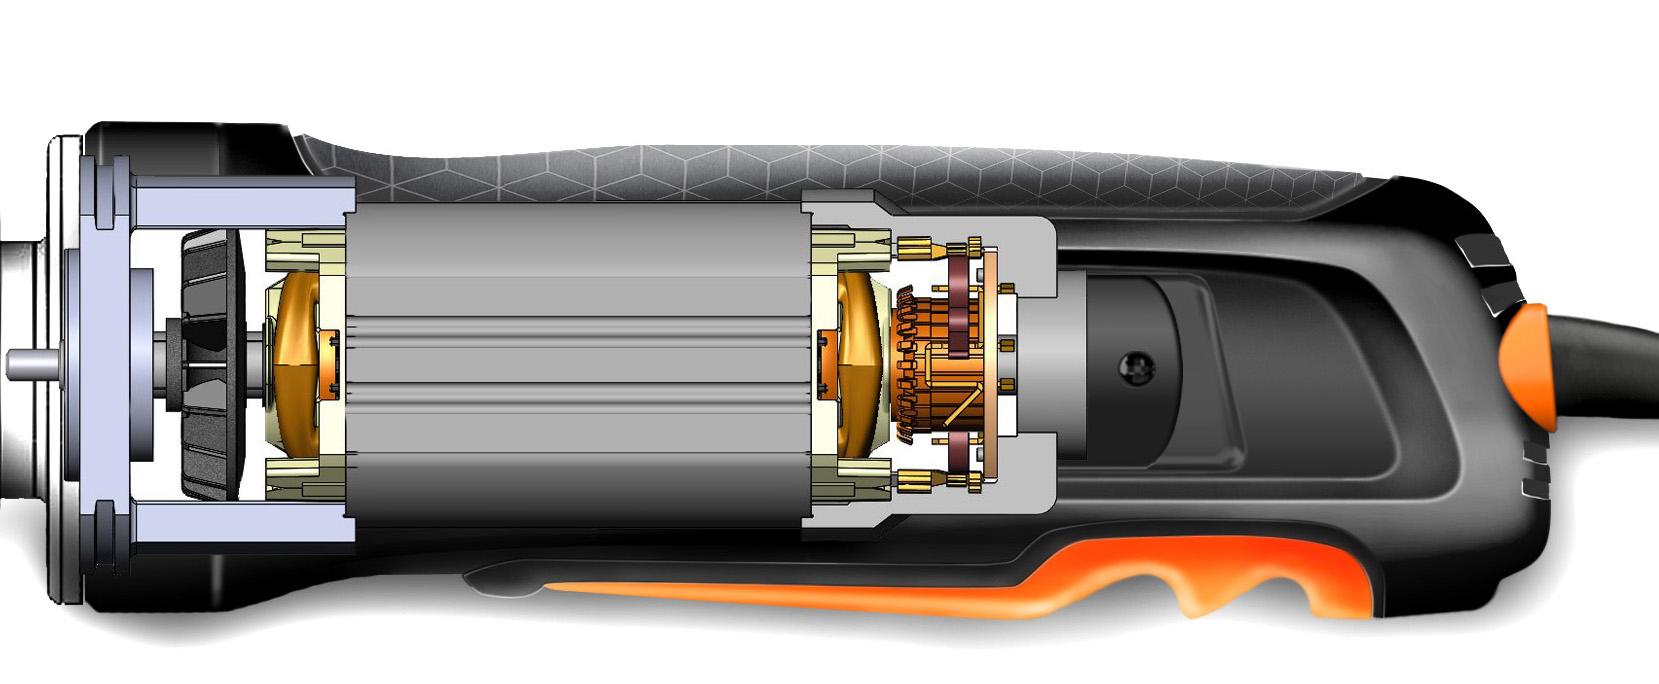 Vom Pappmodell zum Produkt: Kundenspezifische Handmotoren